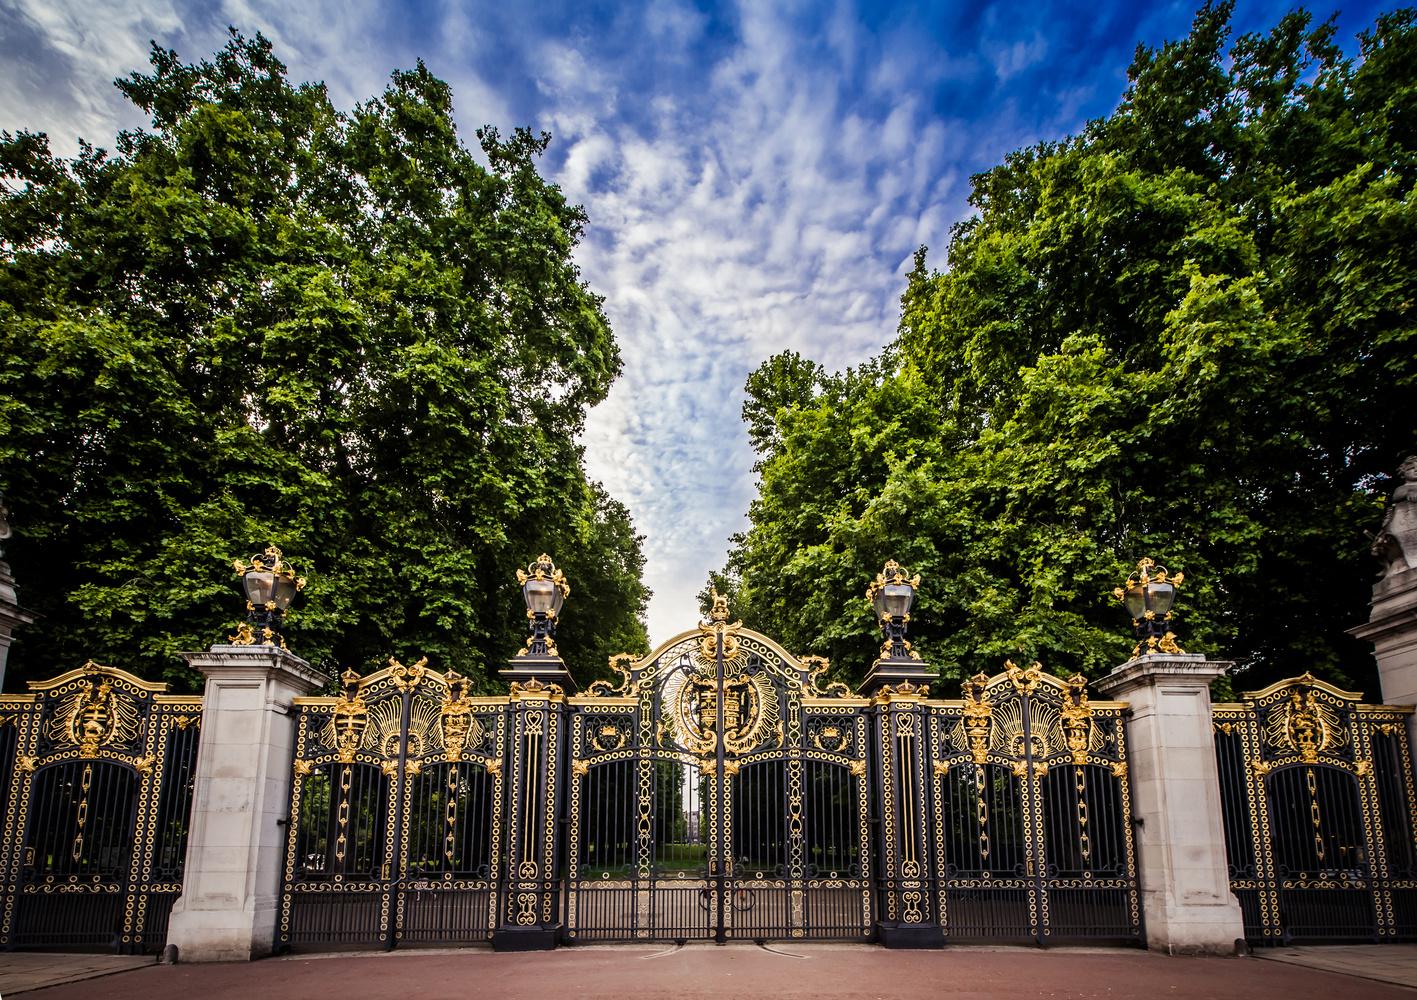 London Gates by Britton Murrey